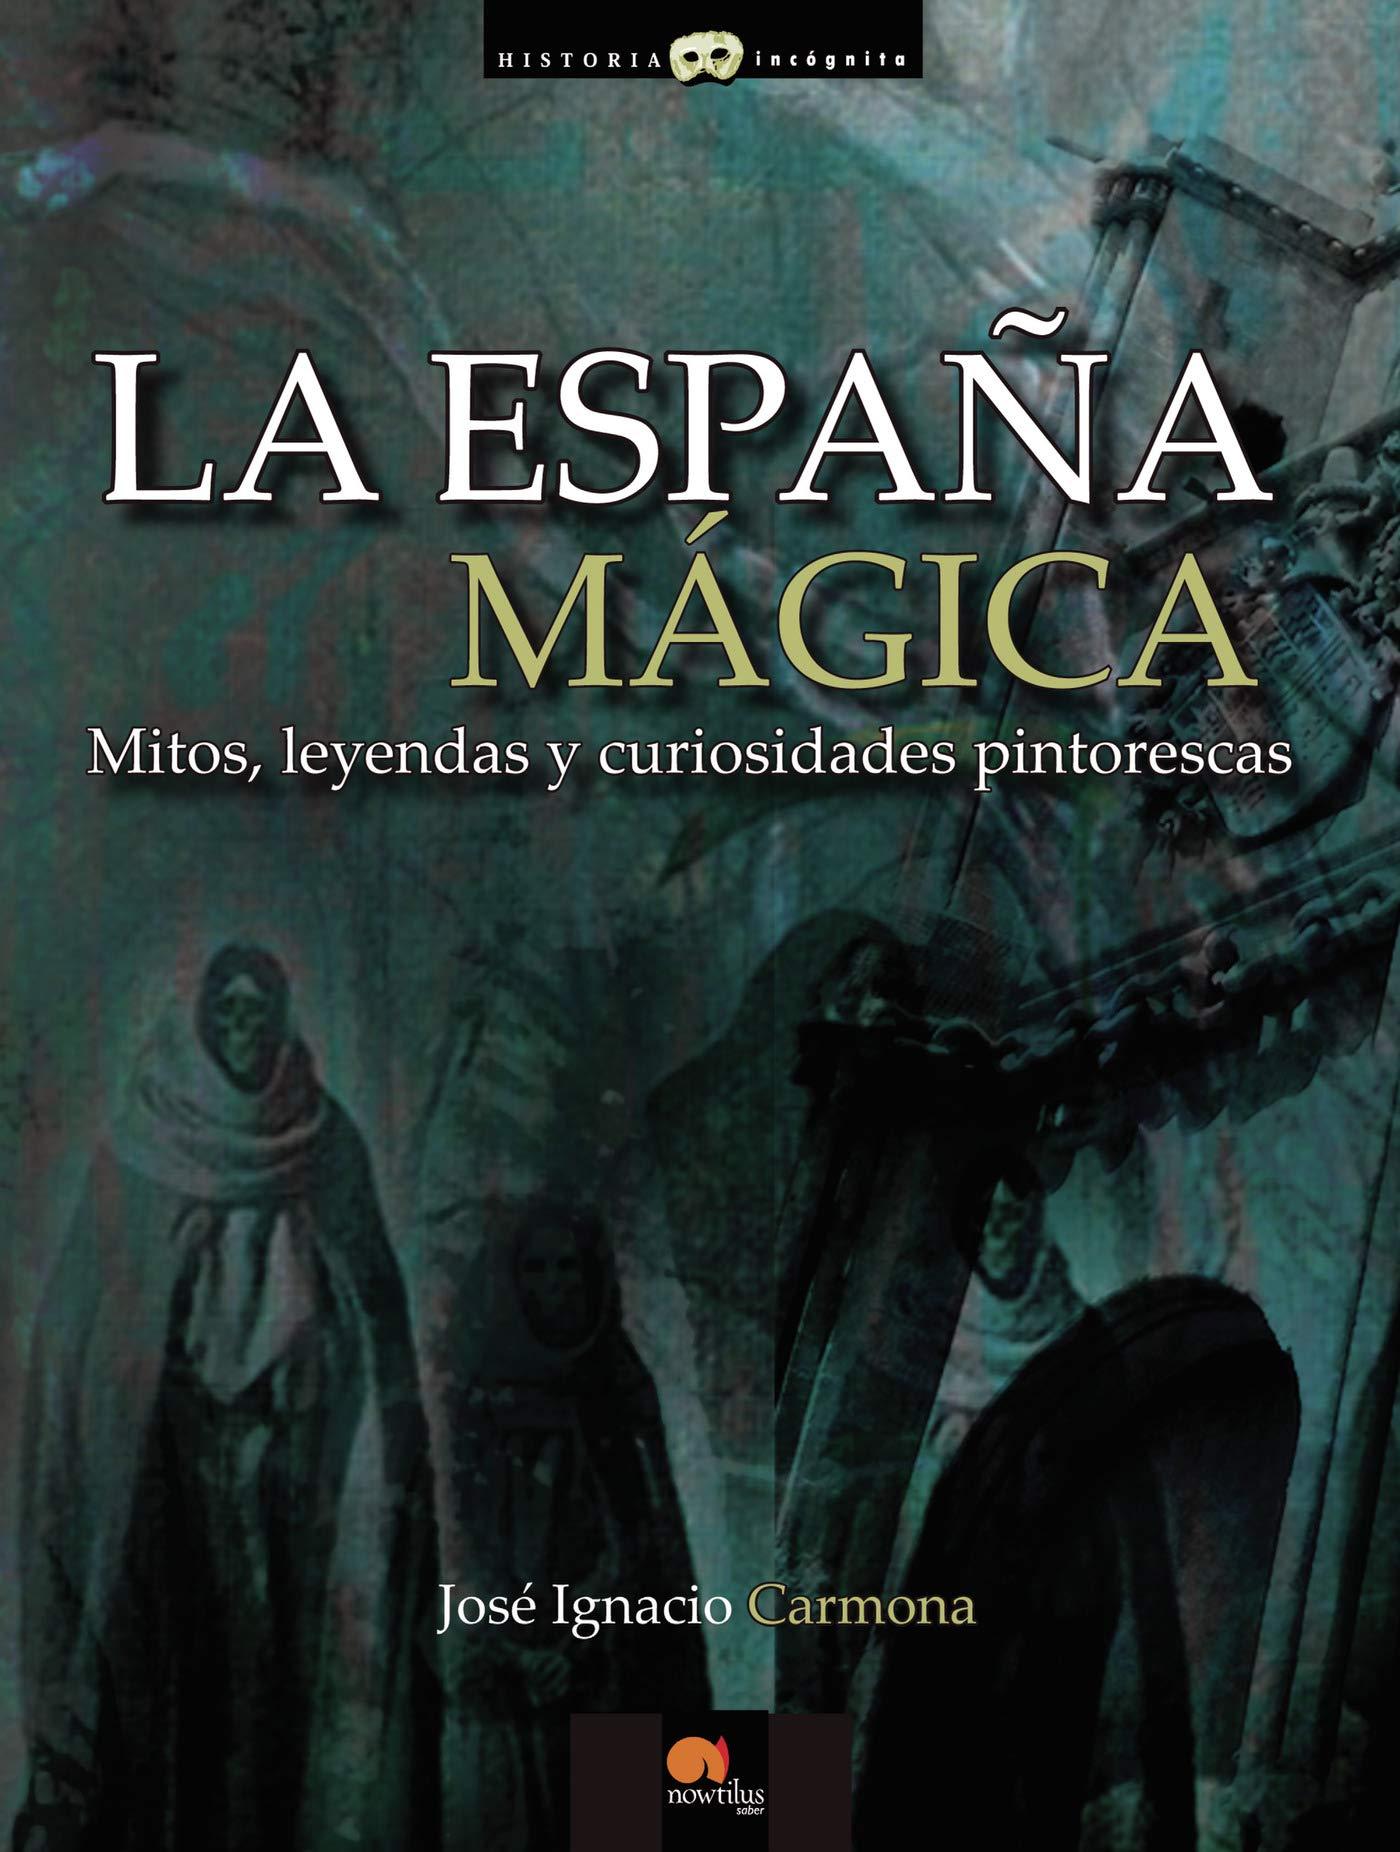 La España Mágica: Versión sin solapas Historia Incógnita: Amazon.es: Carmona, José Ignacio: Libros